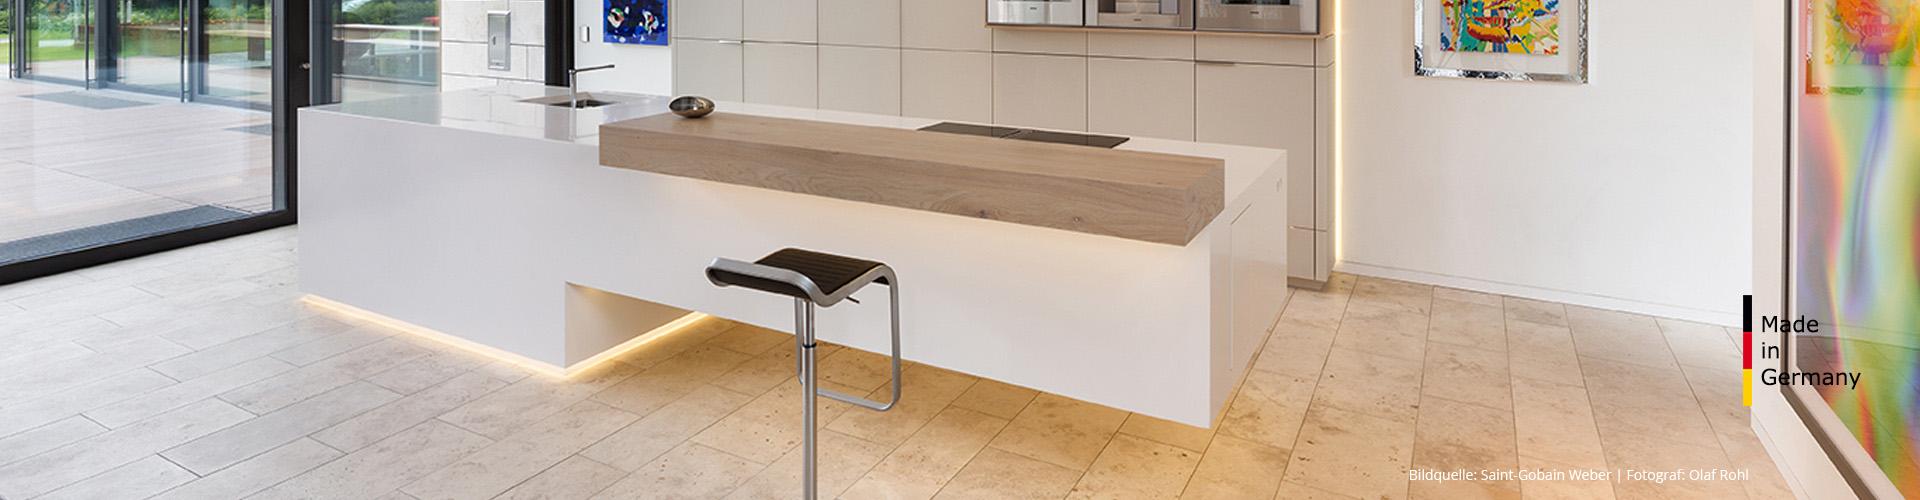 naturstein k che ikea k che metod veddinge baskische upcycling zimmerschau kleine streichen. Black Bedroom Furniture Sets. Home Design Ideas